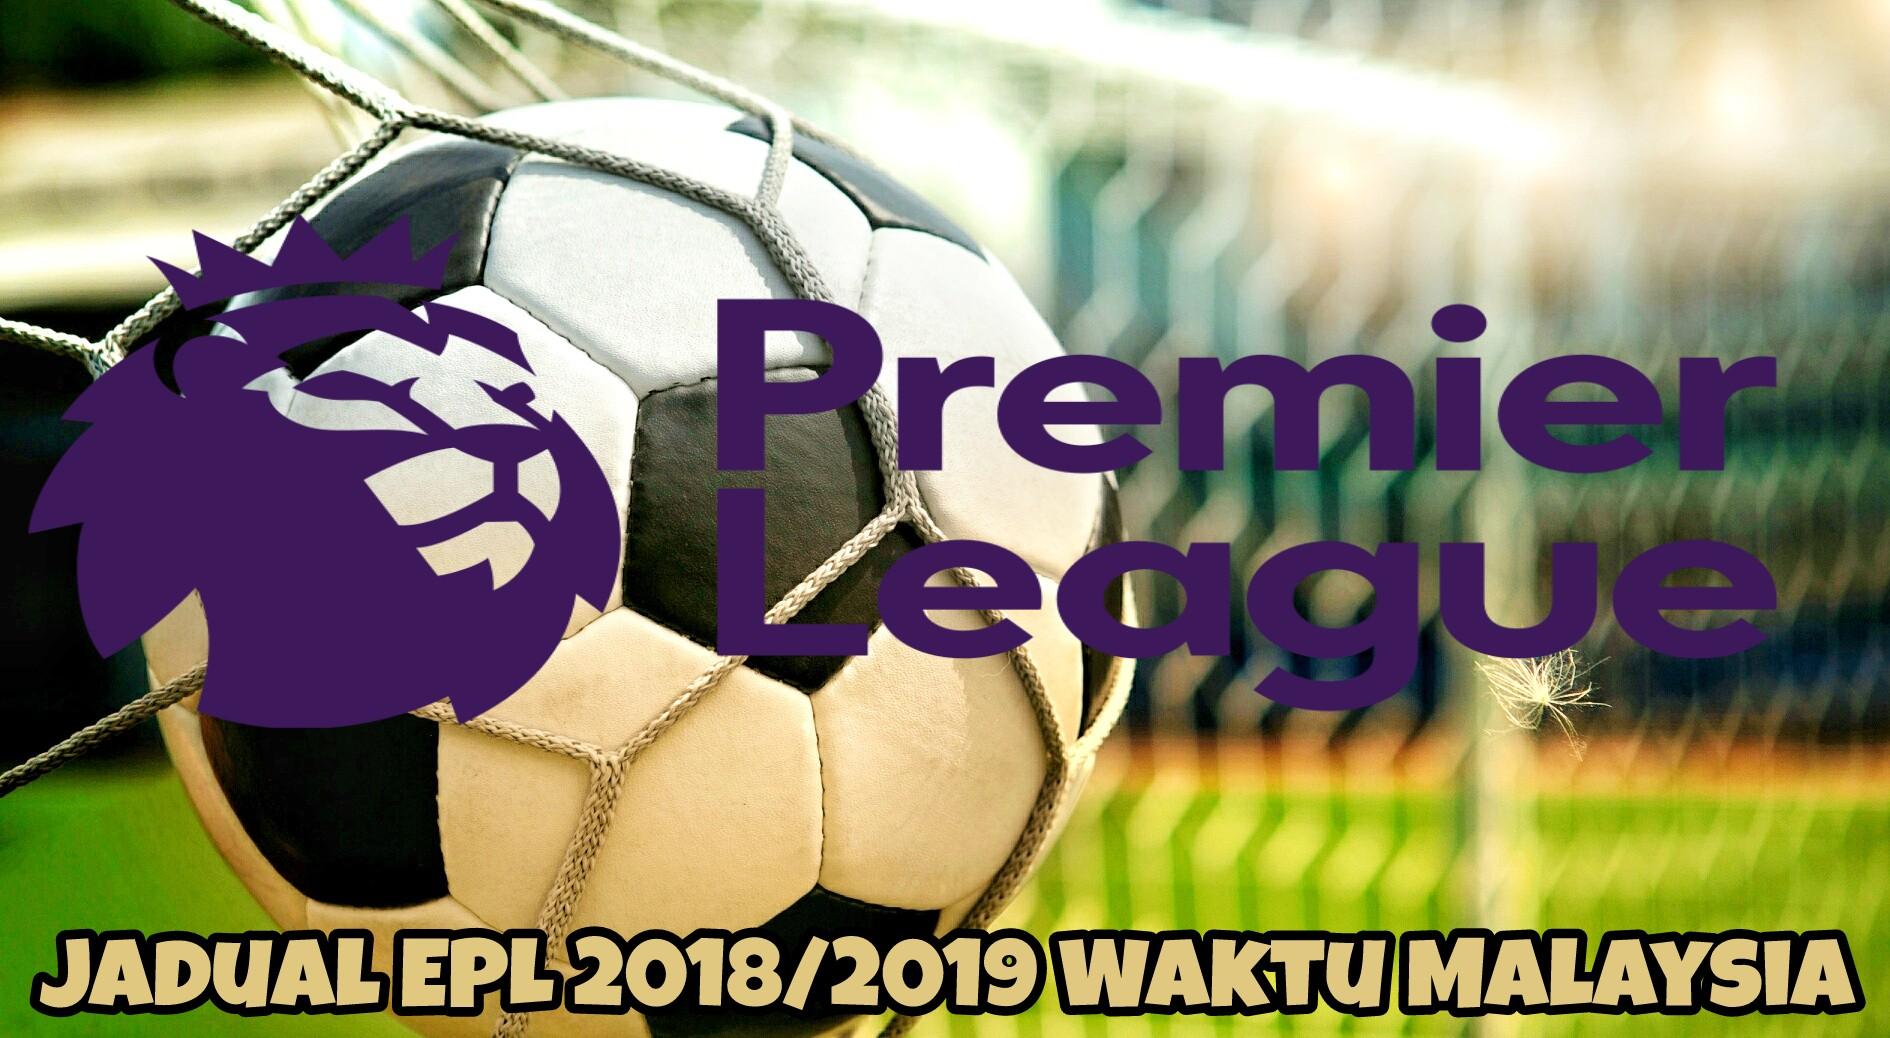 Jadual EPL 2018/2019 Waktu Malaysia